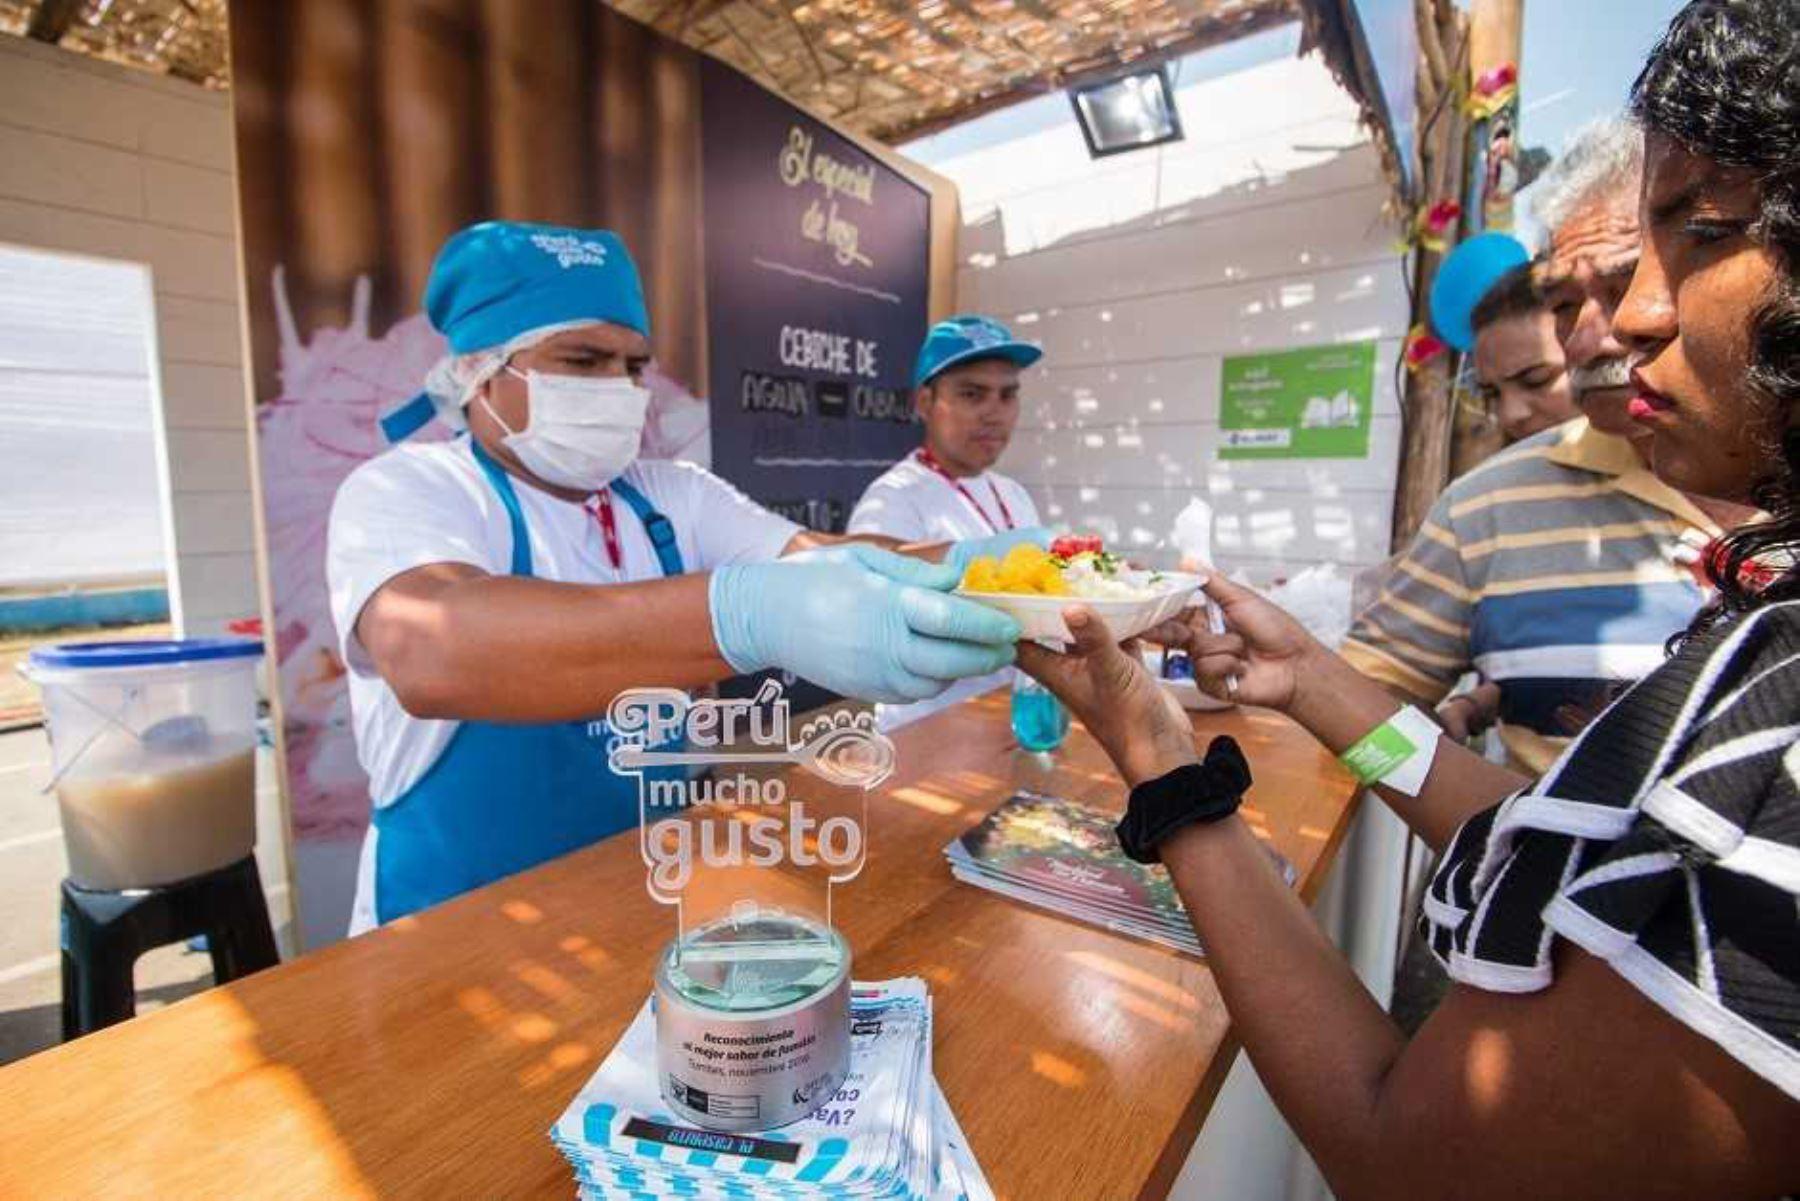 """Dakar 2019: disfruta desde hoy en Ilo la mejor culinaria regional en """"Perú, mucho gusto"""""""